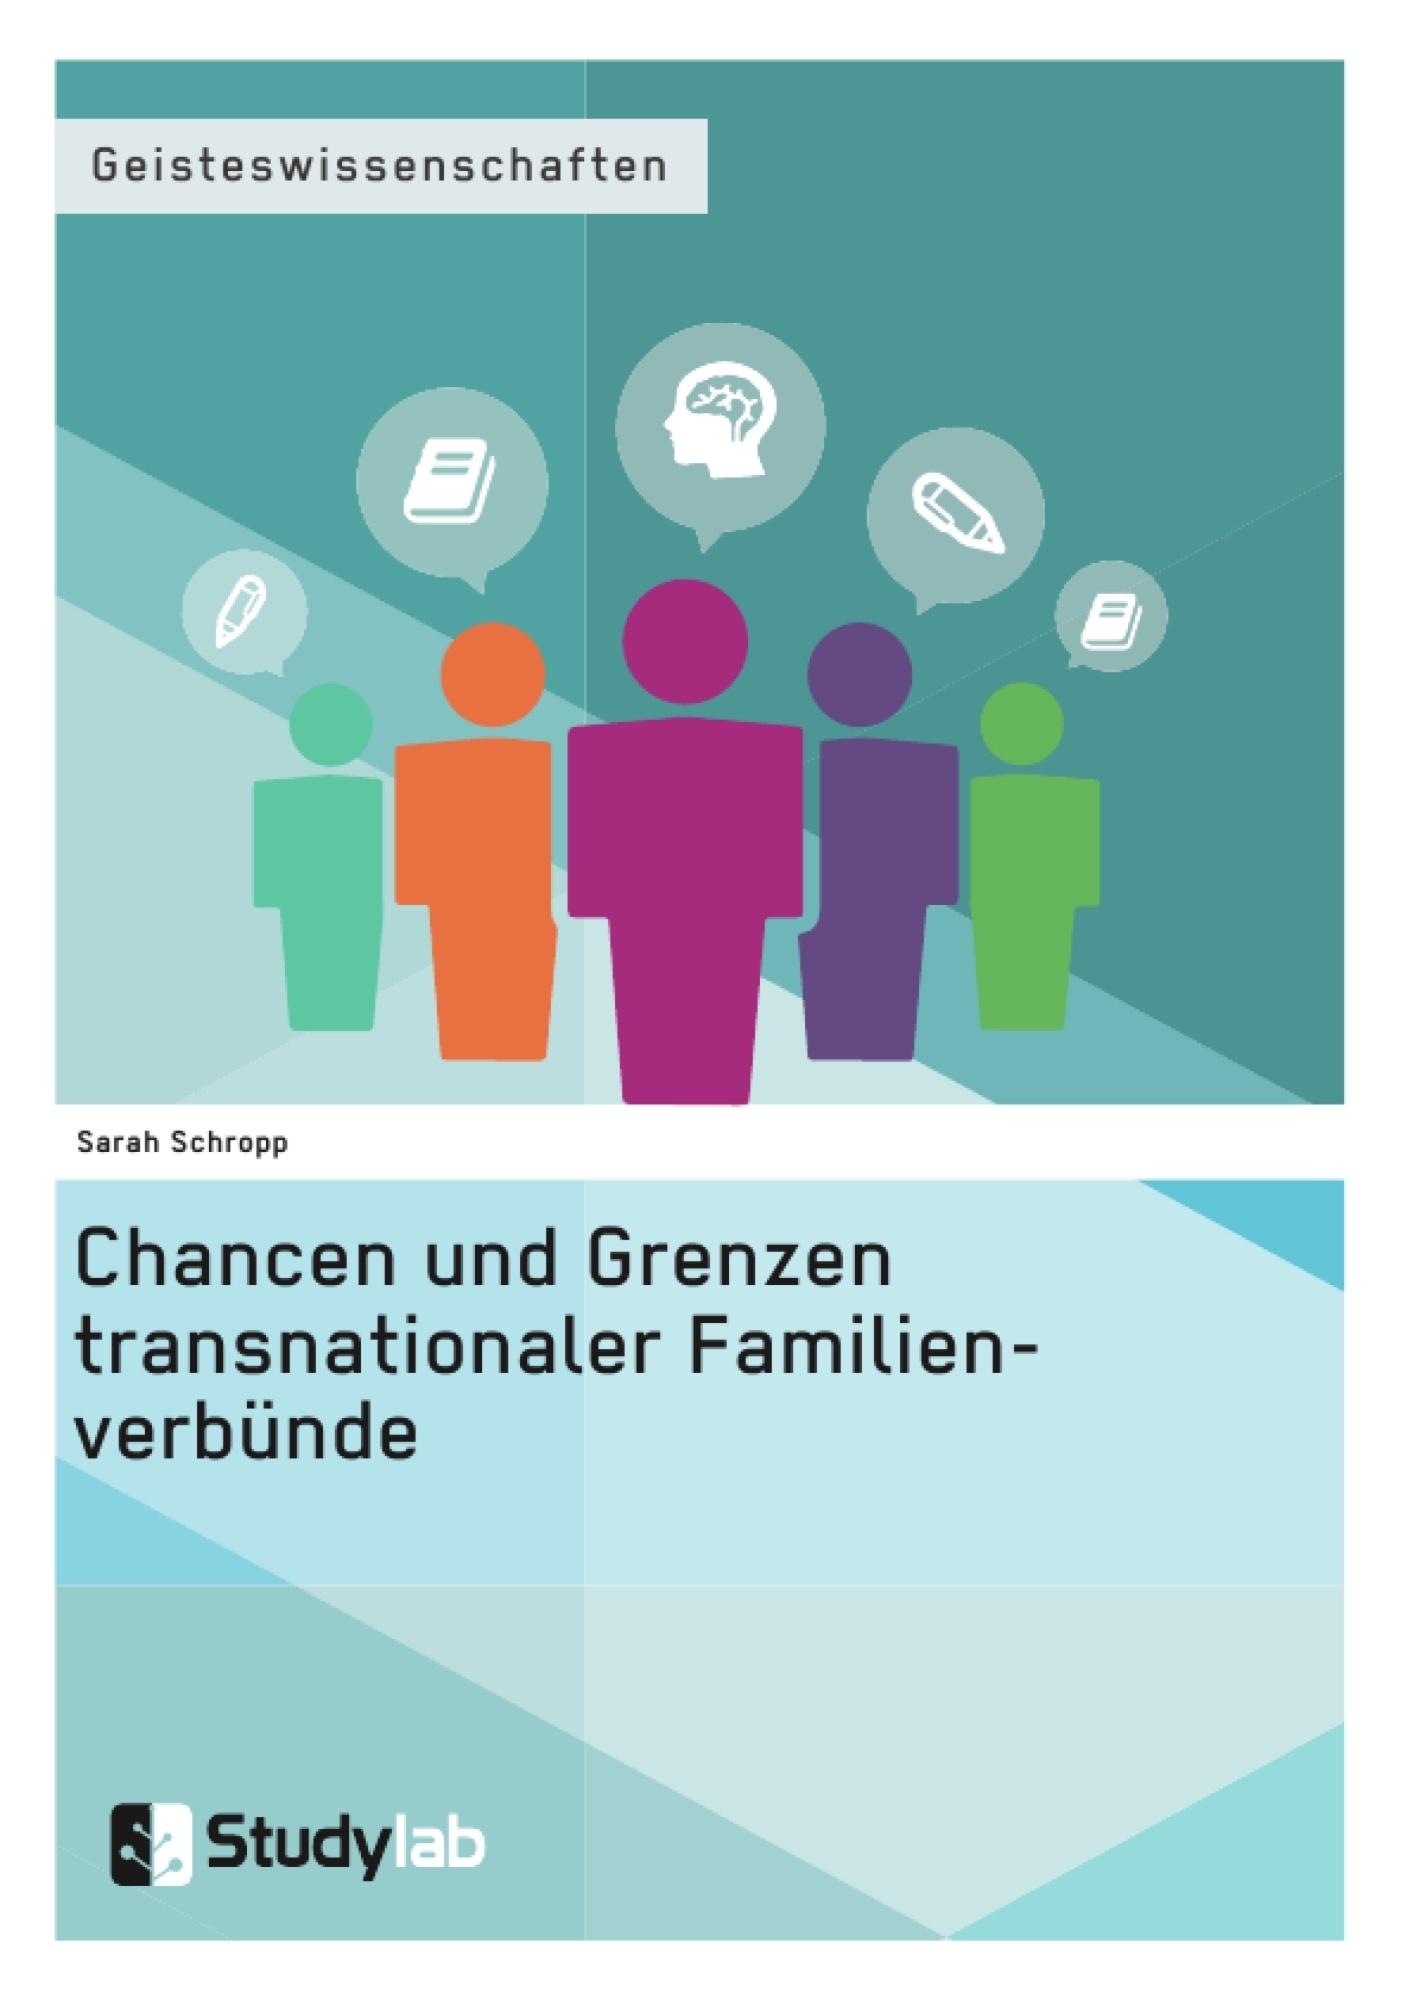 Titel: Chancen und Grenzen transnationaler Familienverbünde